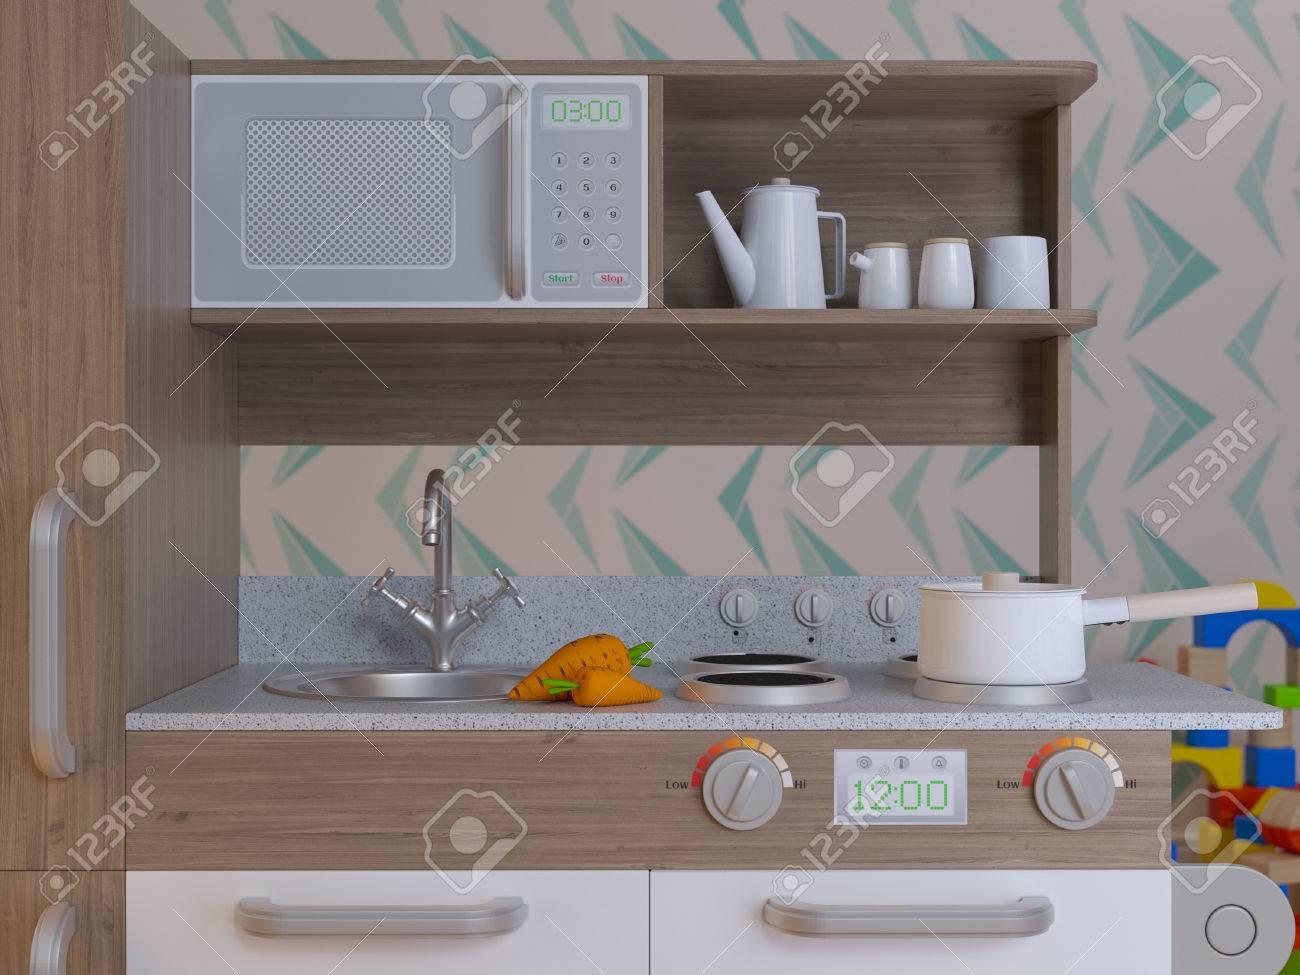 Gemütlich Küchendesign Spiele 3d Bilder - Ideen Für Die Küche ...